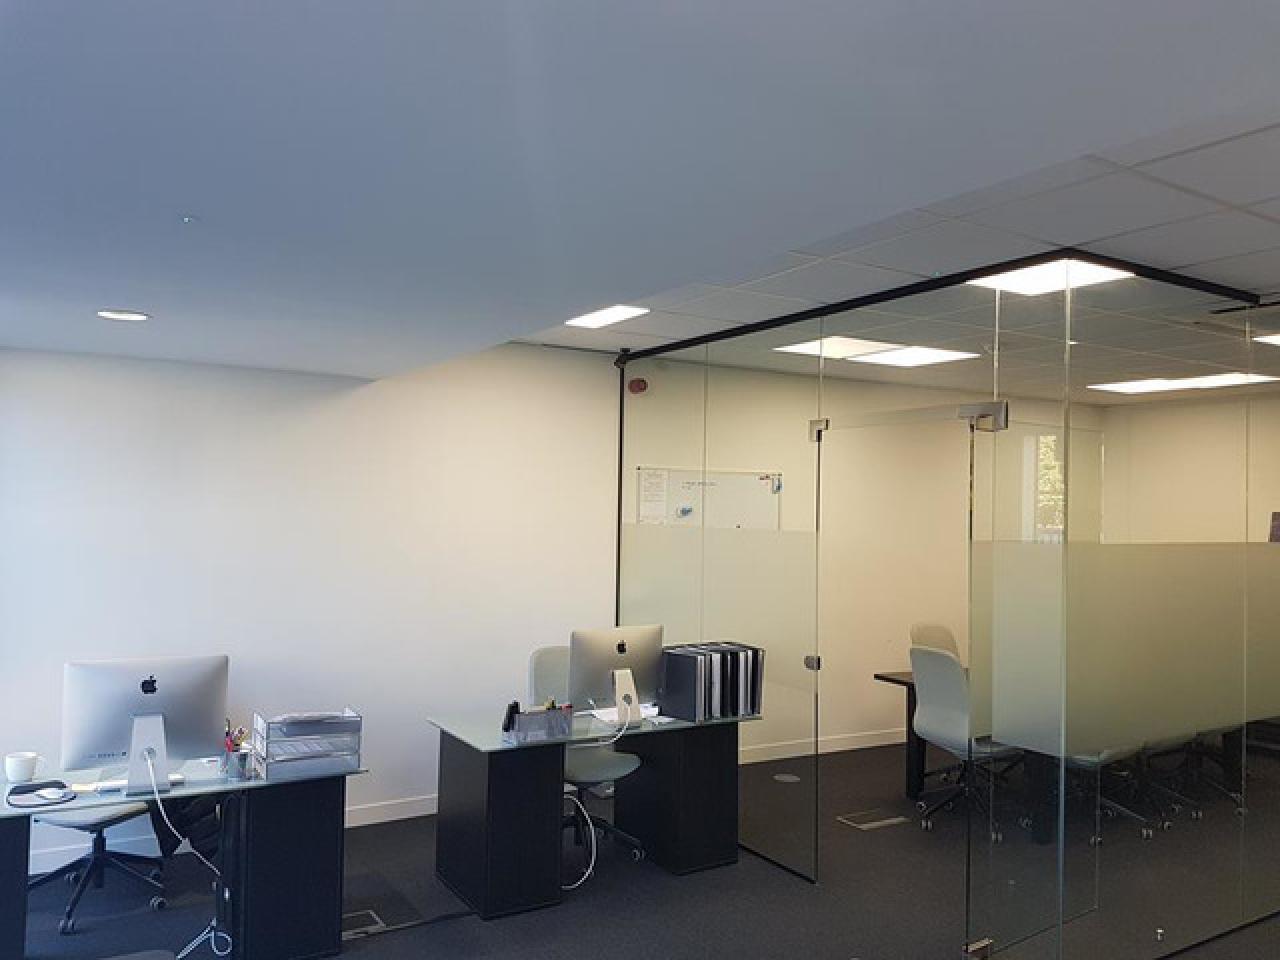 Сдается рабочее место или часть офиса с доступом в Meeting room. - 7/7